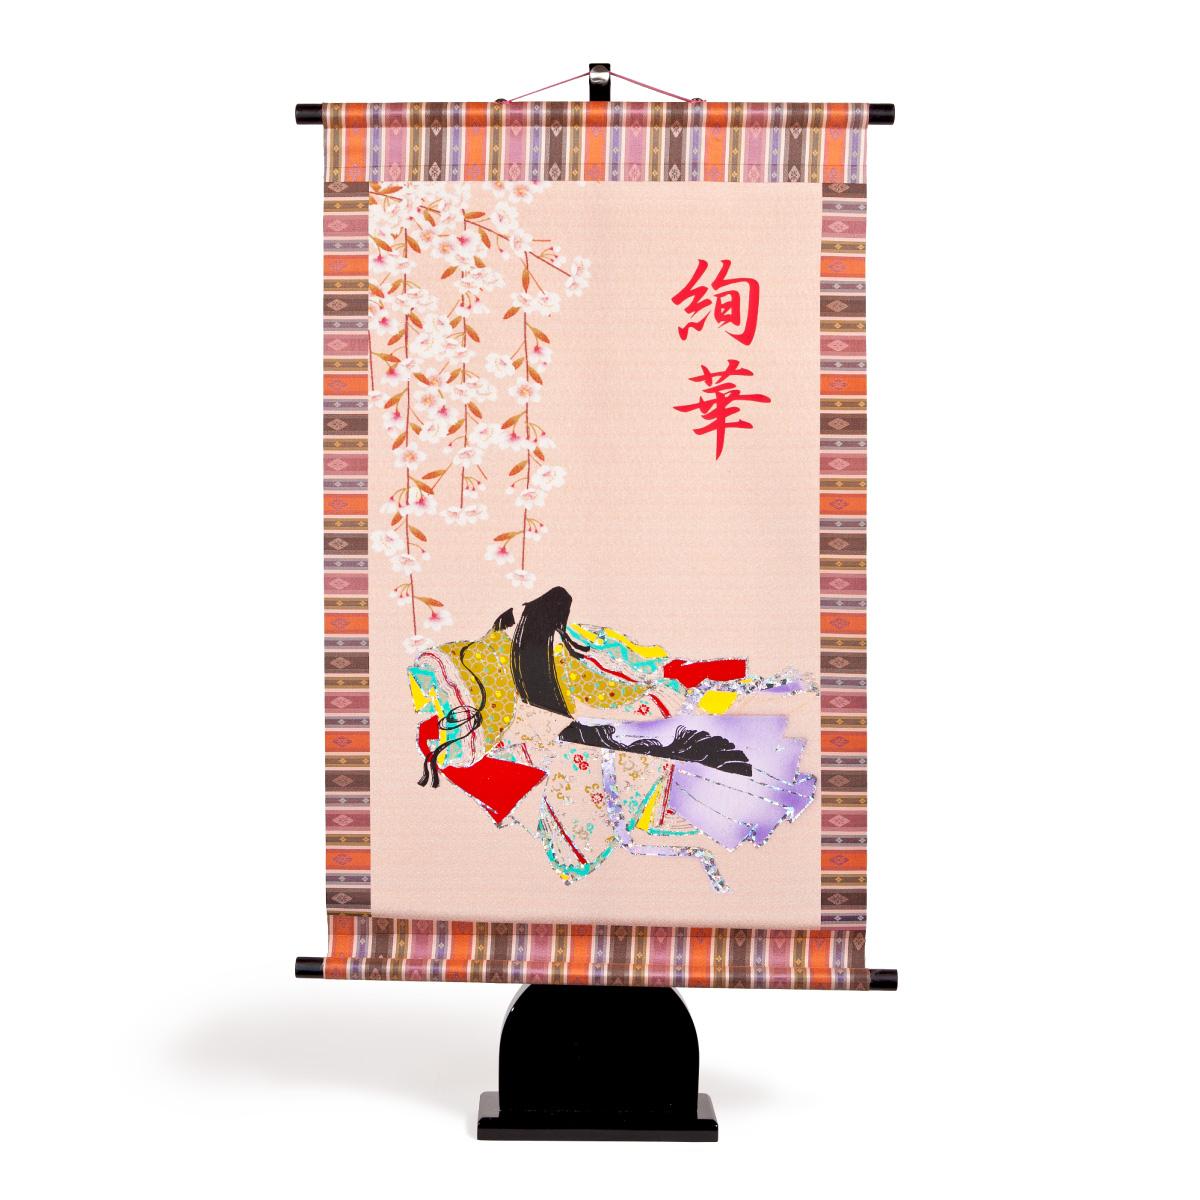 雛人形 名前旗 枝垂れ桜に十二単衣